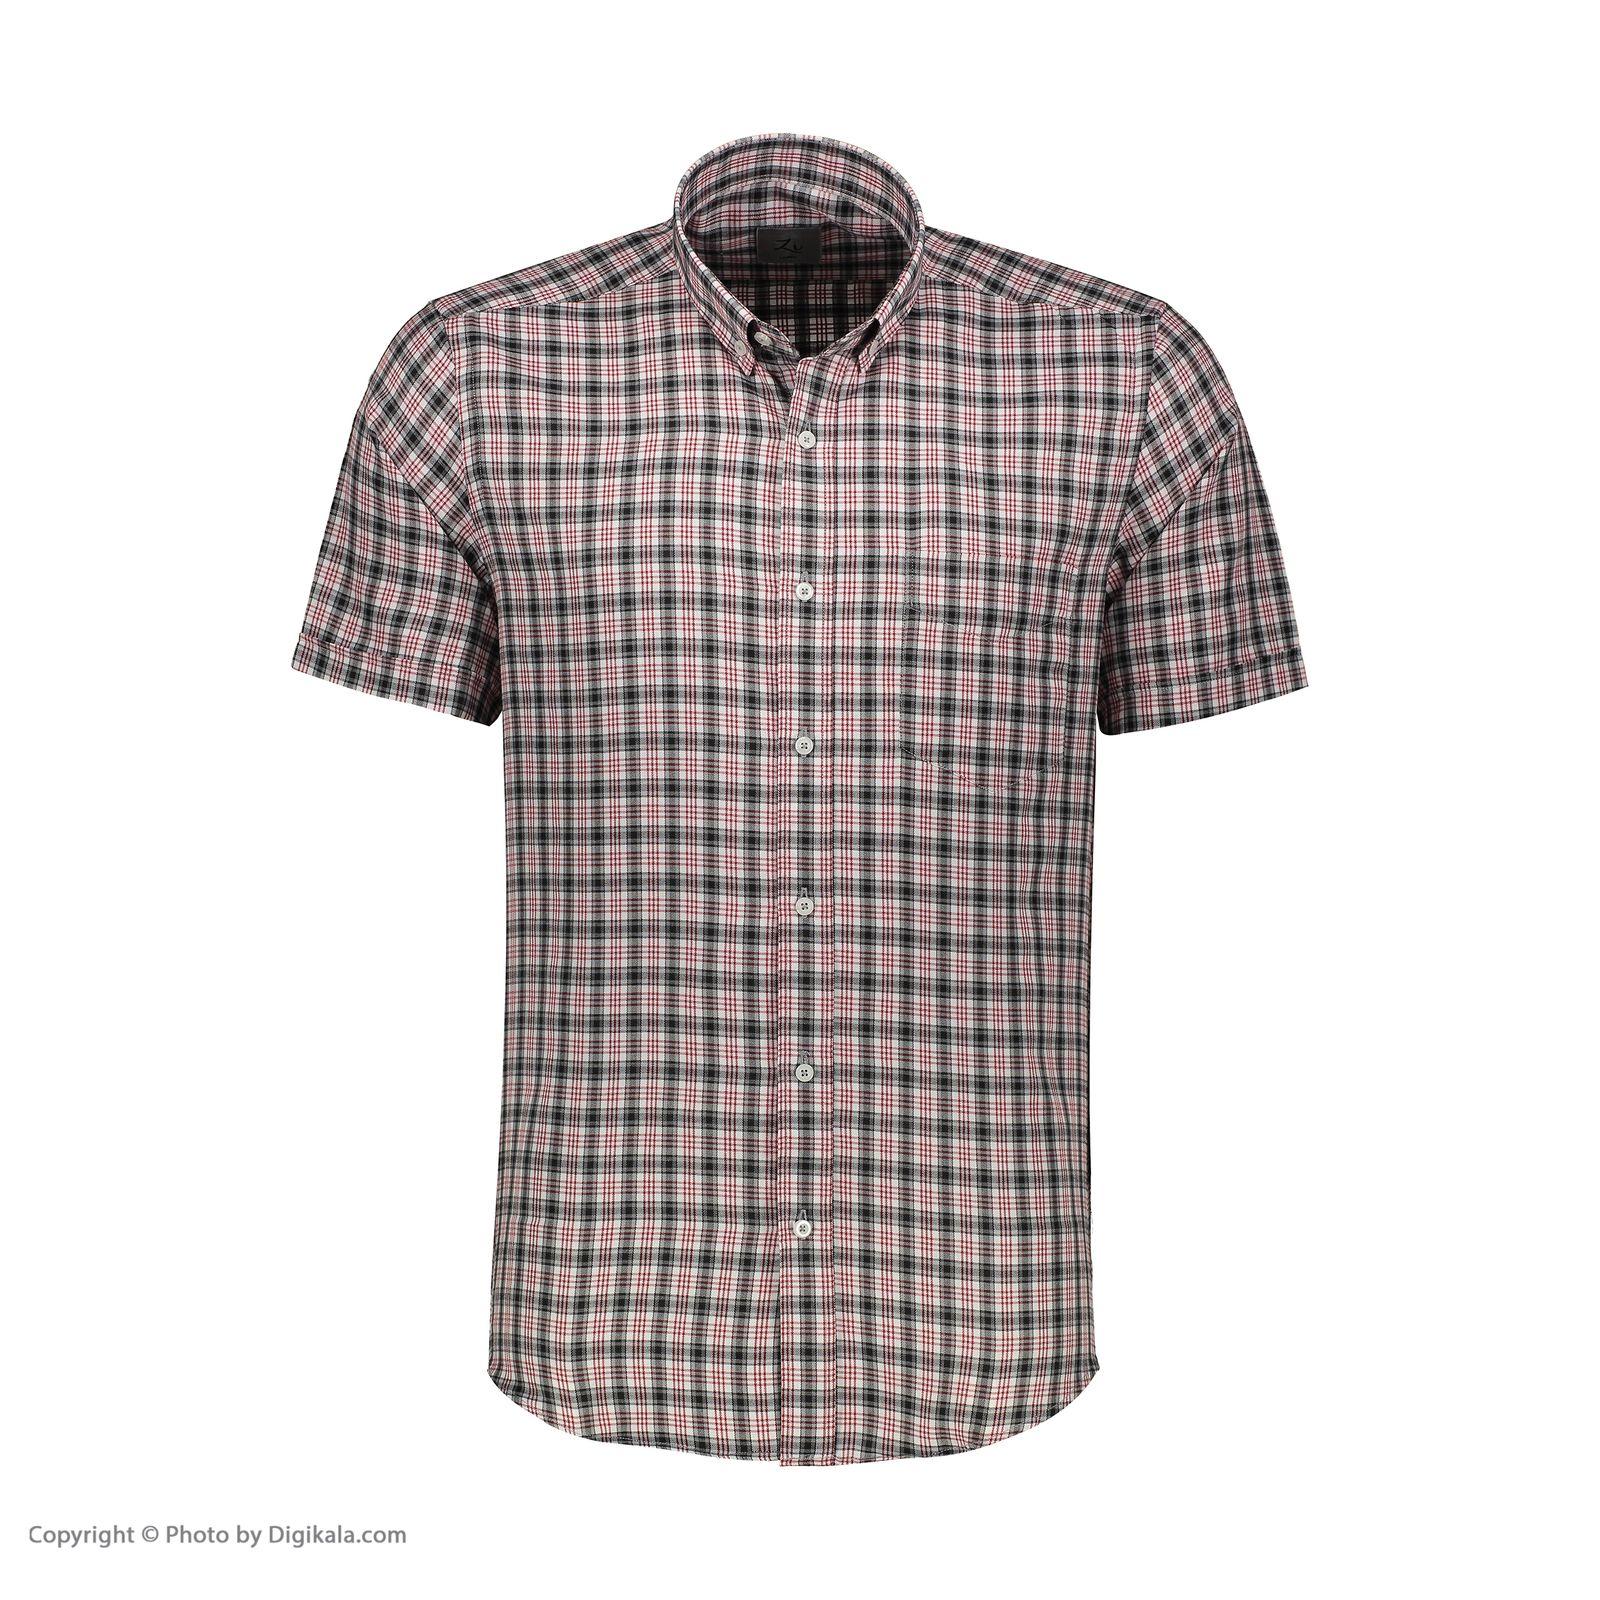 پیراهن مردانه زی مدل 1531192ML -  - 1